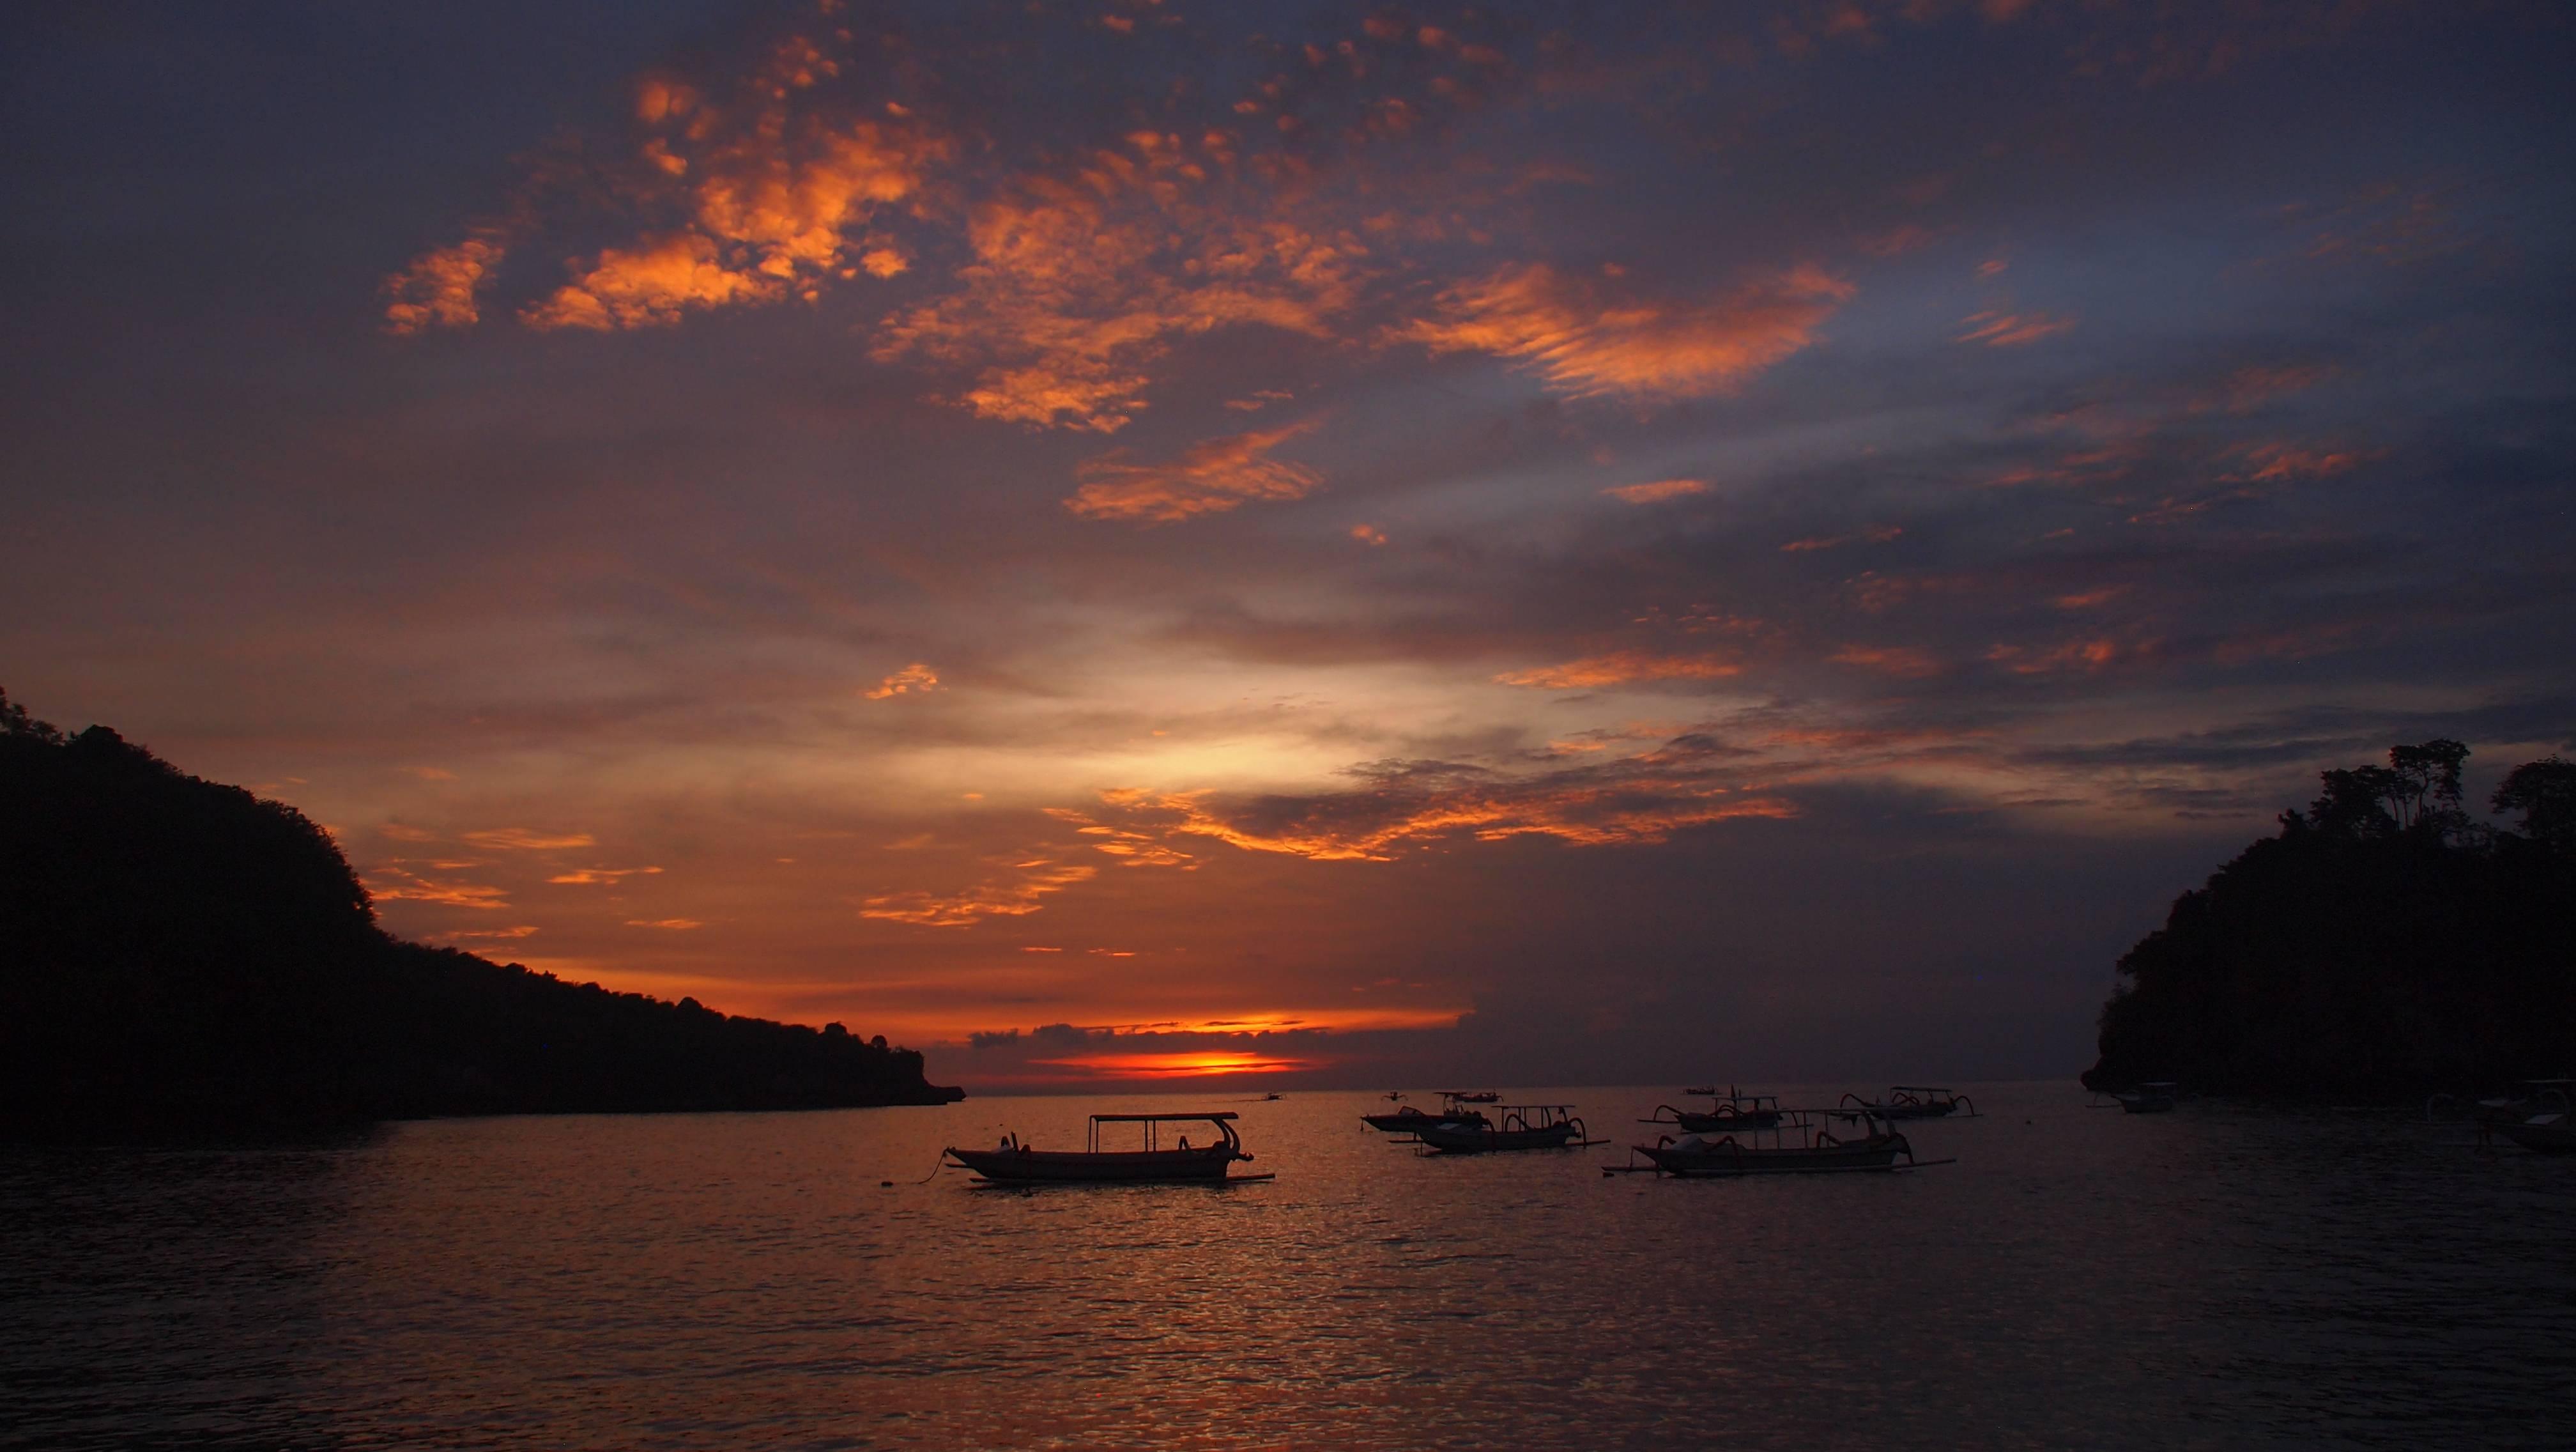 Photo 1: Coucher de soleil à Crystal Bay